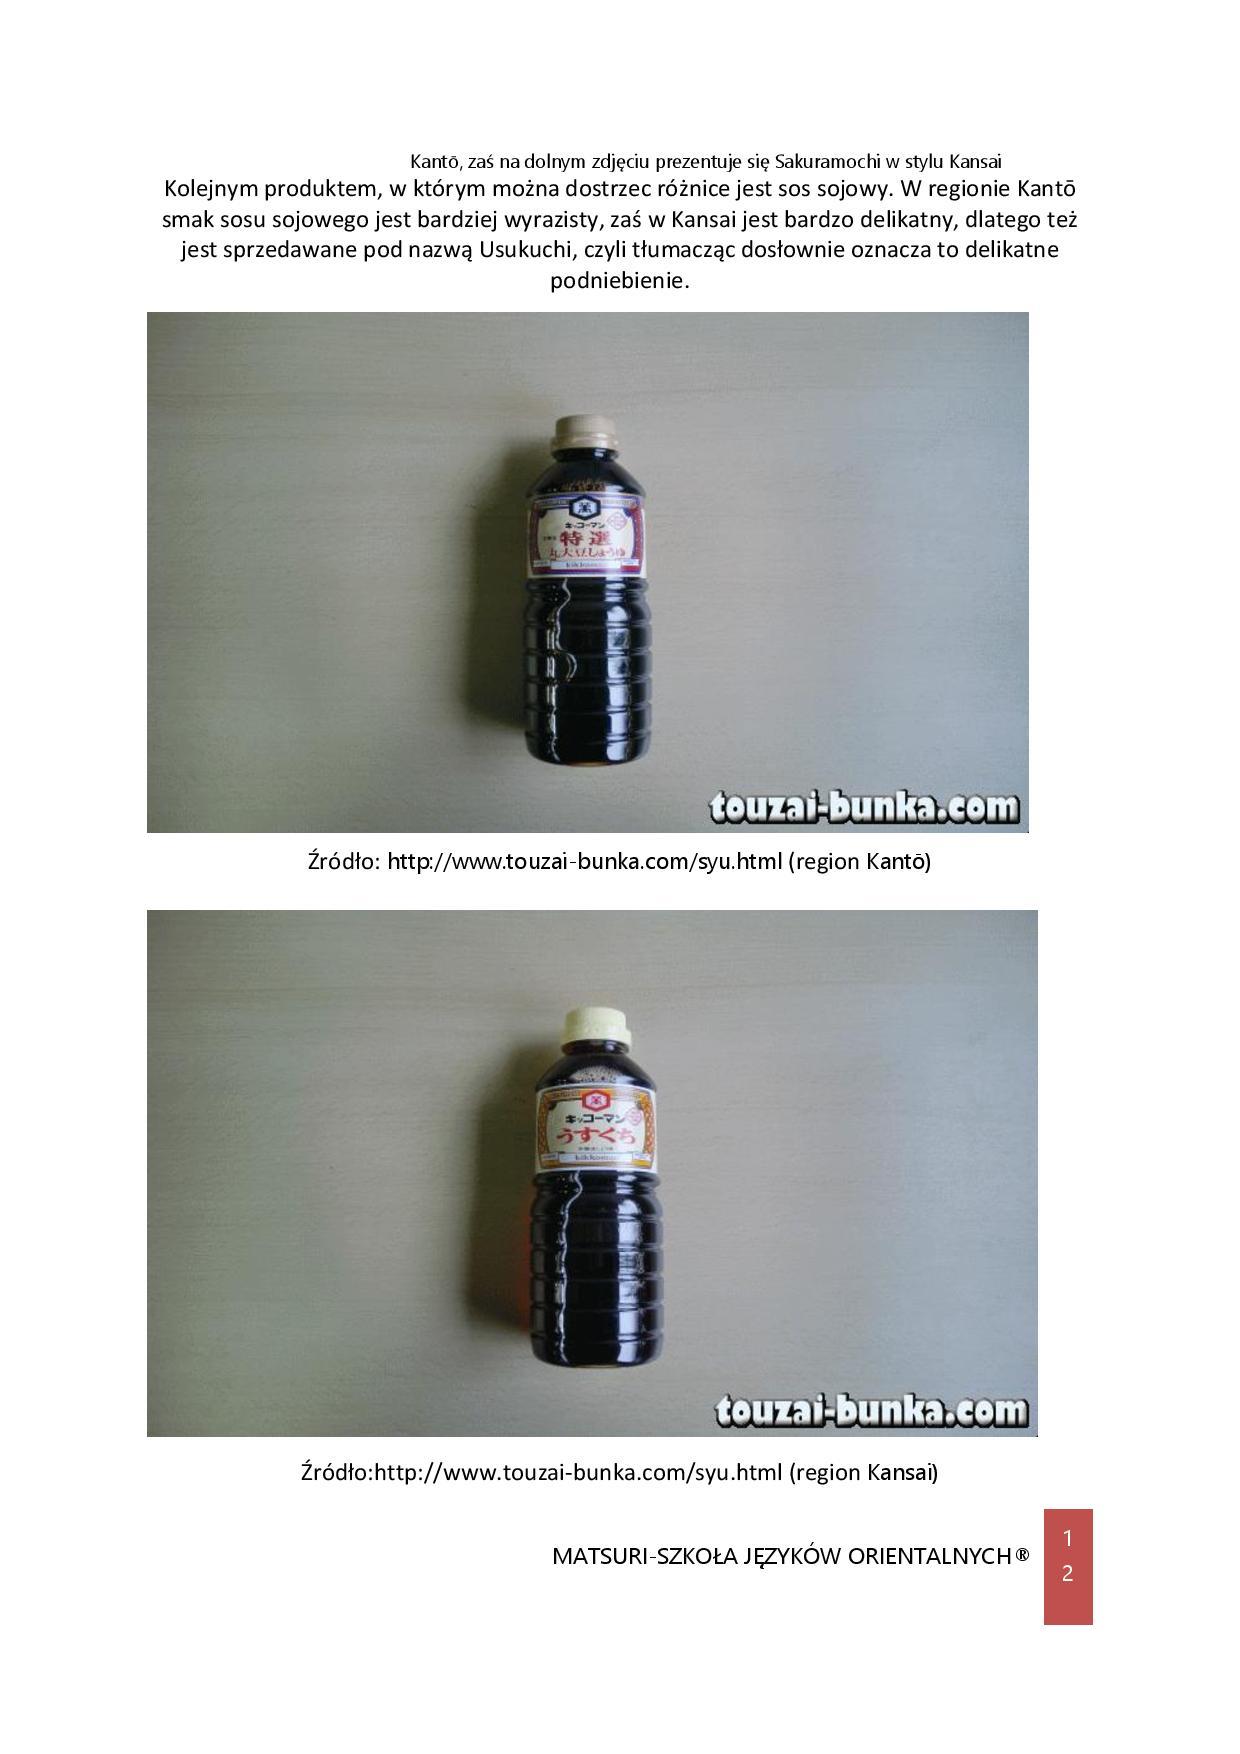 WSCHÓD KONTRA ZACHÓD – czyli różnice w kraju kwitnącej wiśni-page-012